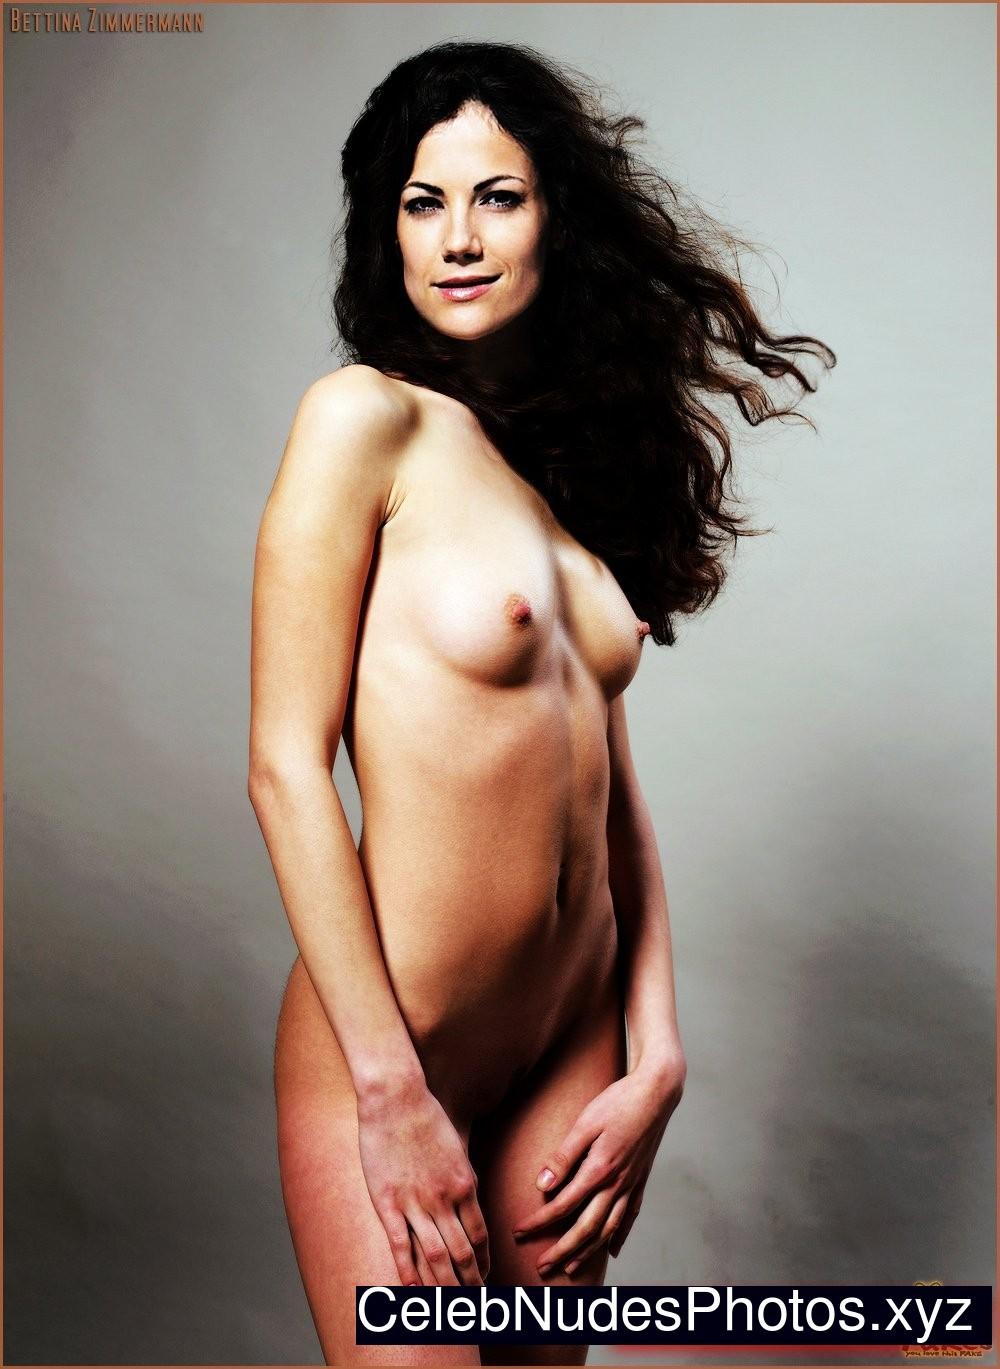 Bettina Zimmermann nude celebs